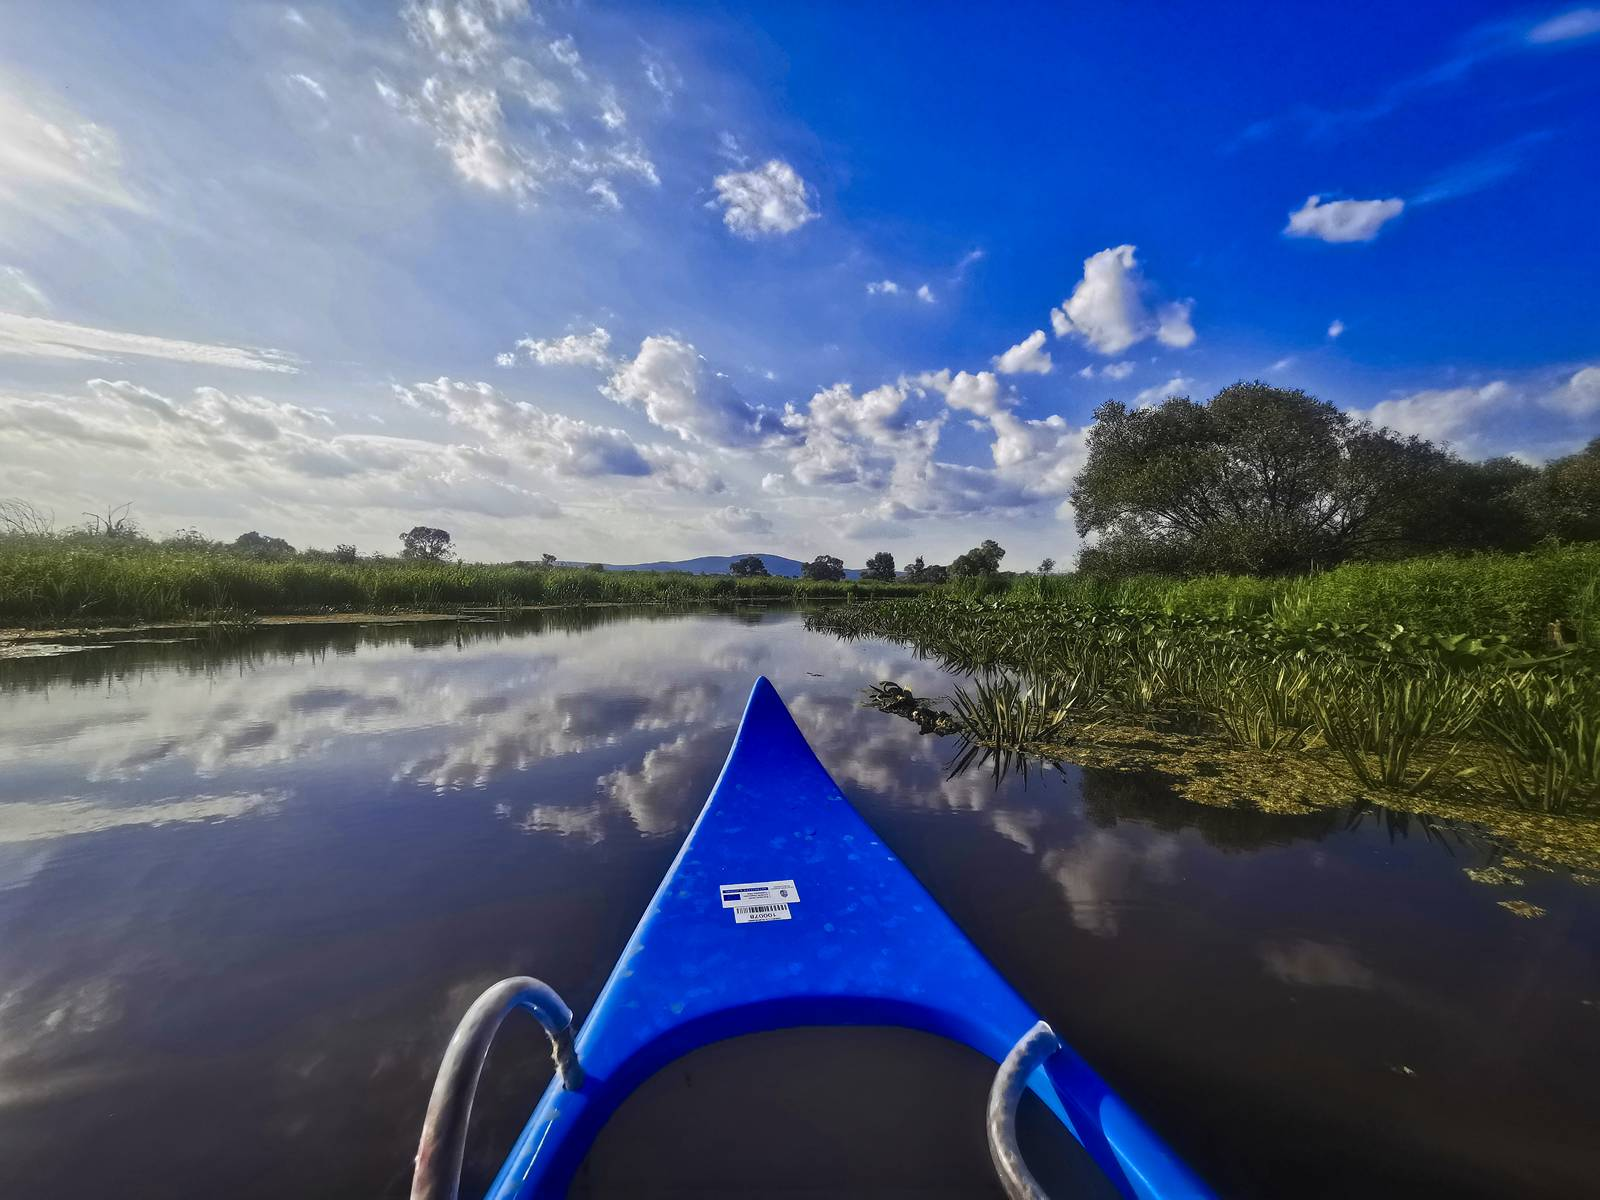 bodrogzug spływ kajakowy tokaj kajaki canoe